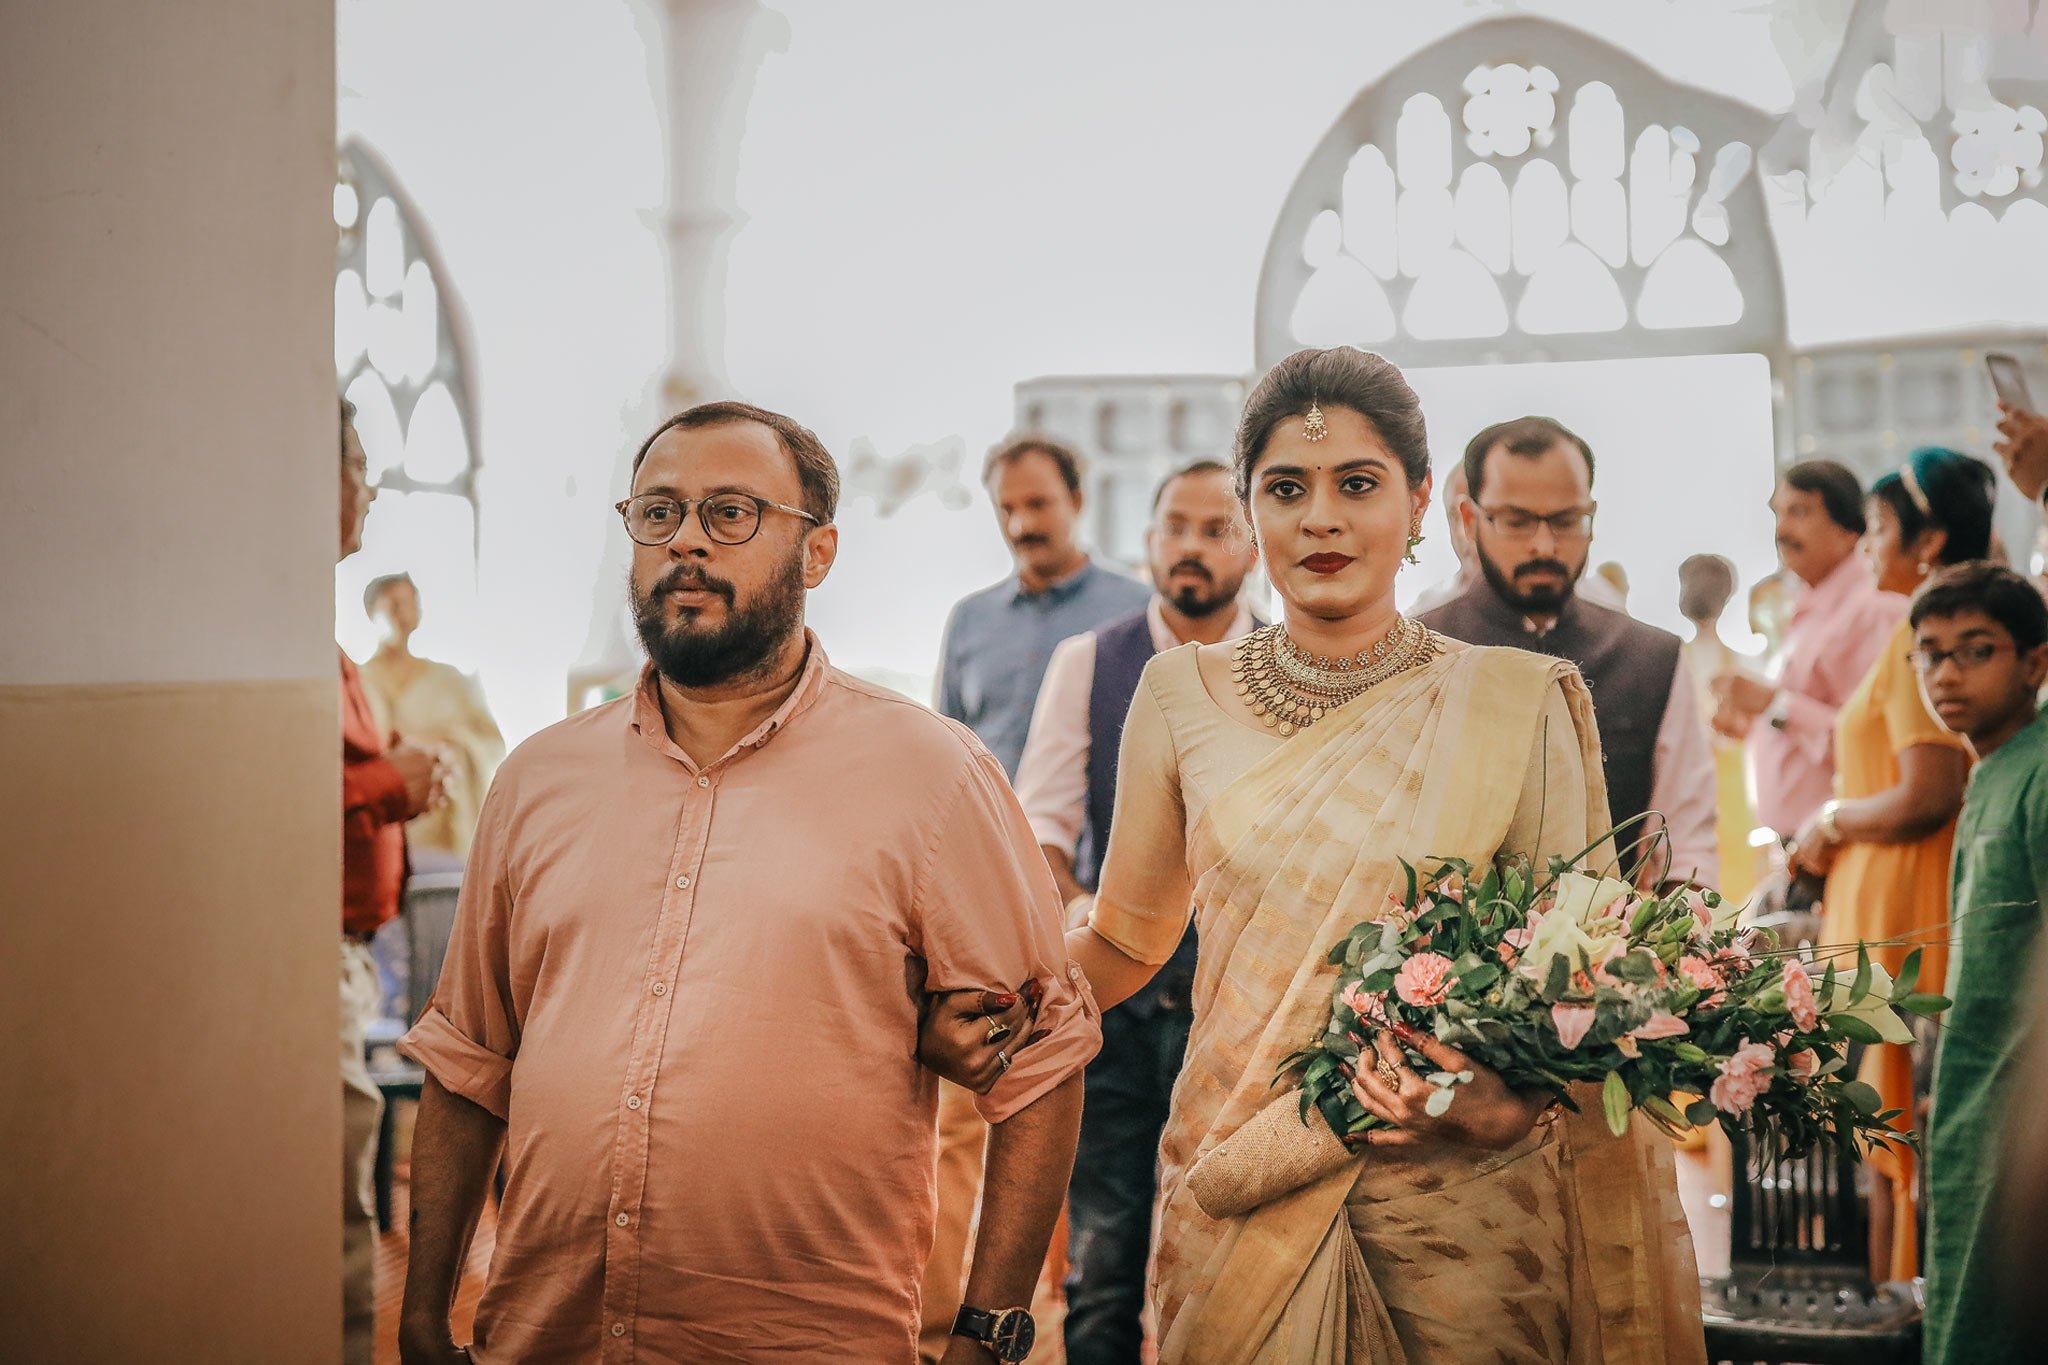 lal-jose-daughter-wedding-photo